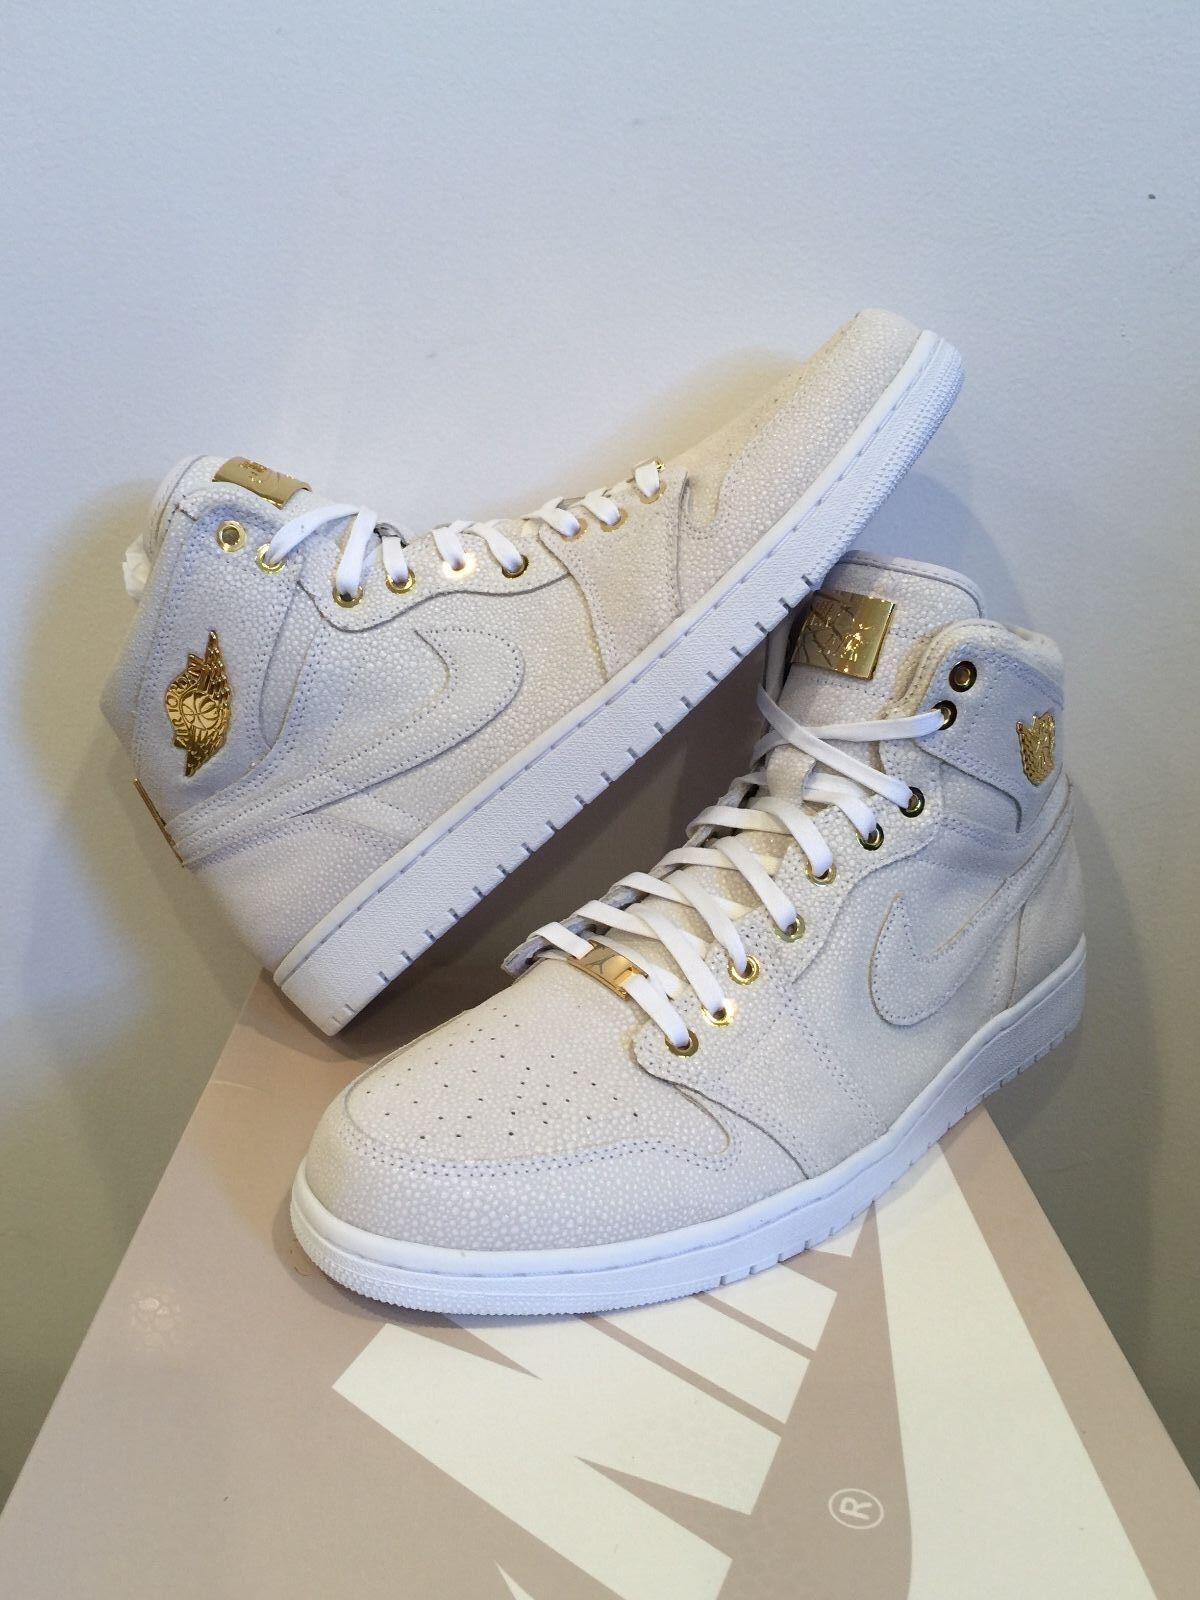 Nike Air Jordan Retro 1 Pinnacle metalico oro 24k 705075 de 130 estacional de recortes de 705075 precios, beneficios de descuentos 5f31ec